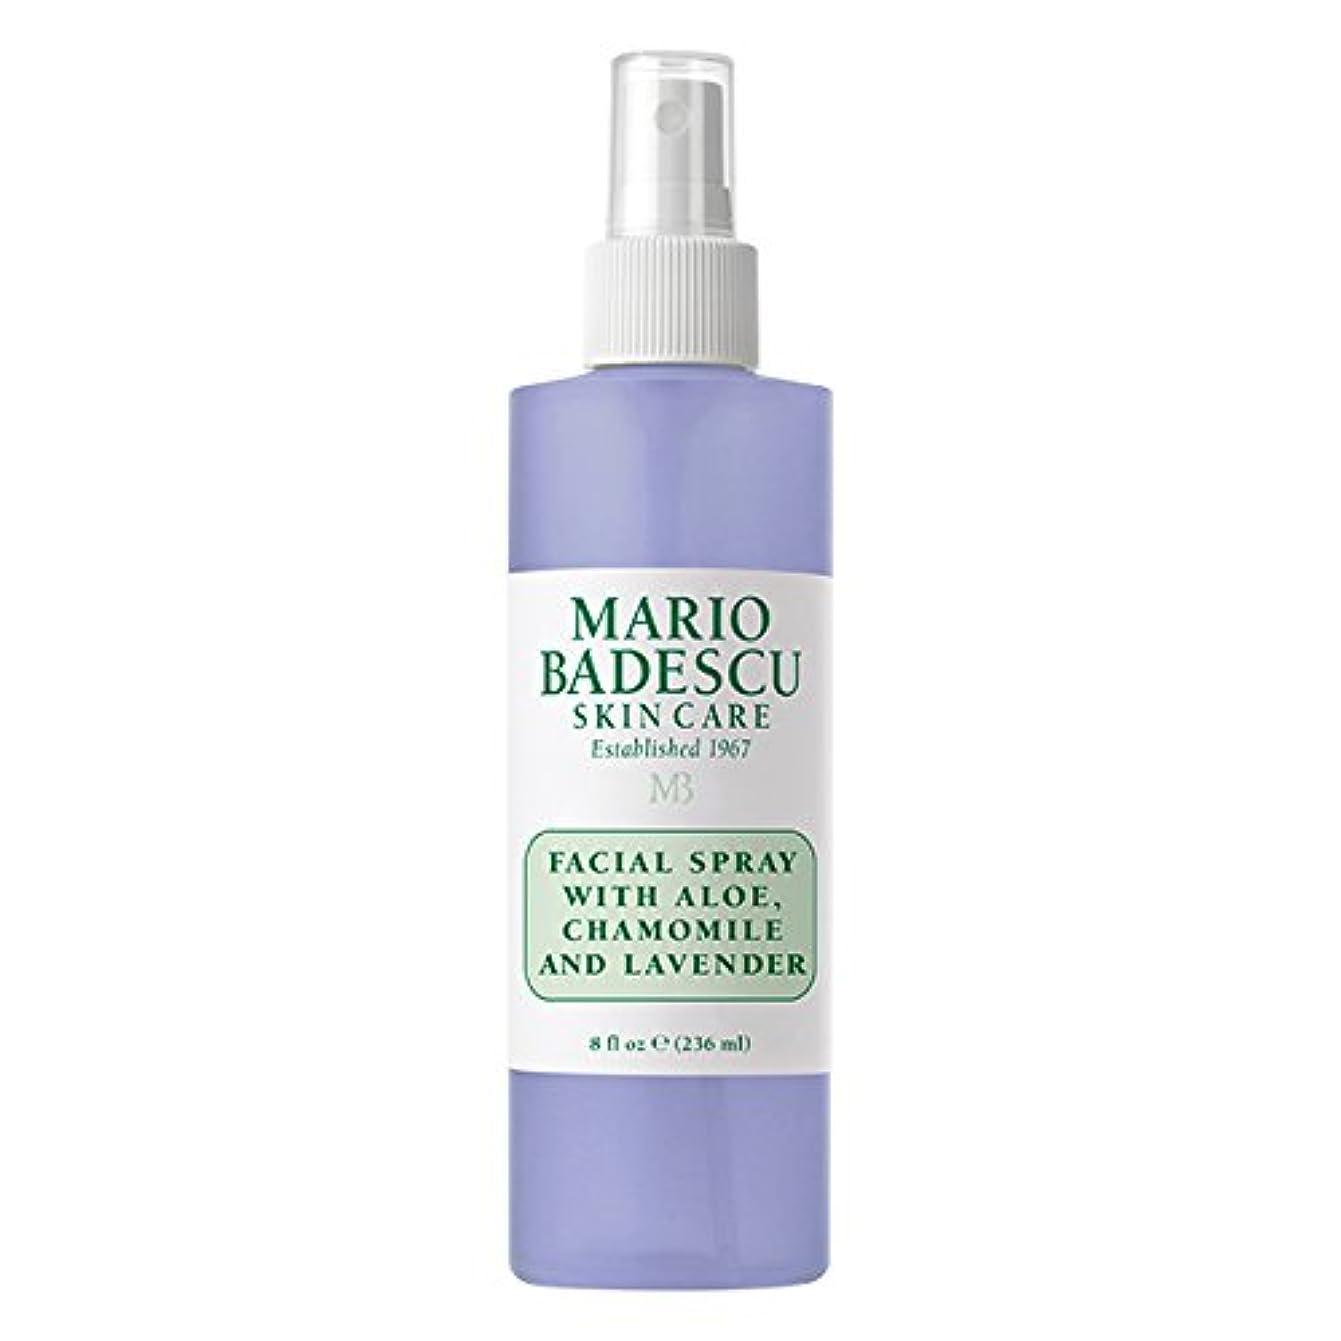 内なるレンドマーカーマリオ バデスク Facial Spray With Aloe, Chamomile & Lavender 236ml/8oz並行輸入品